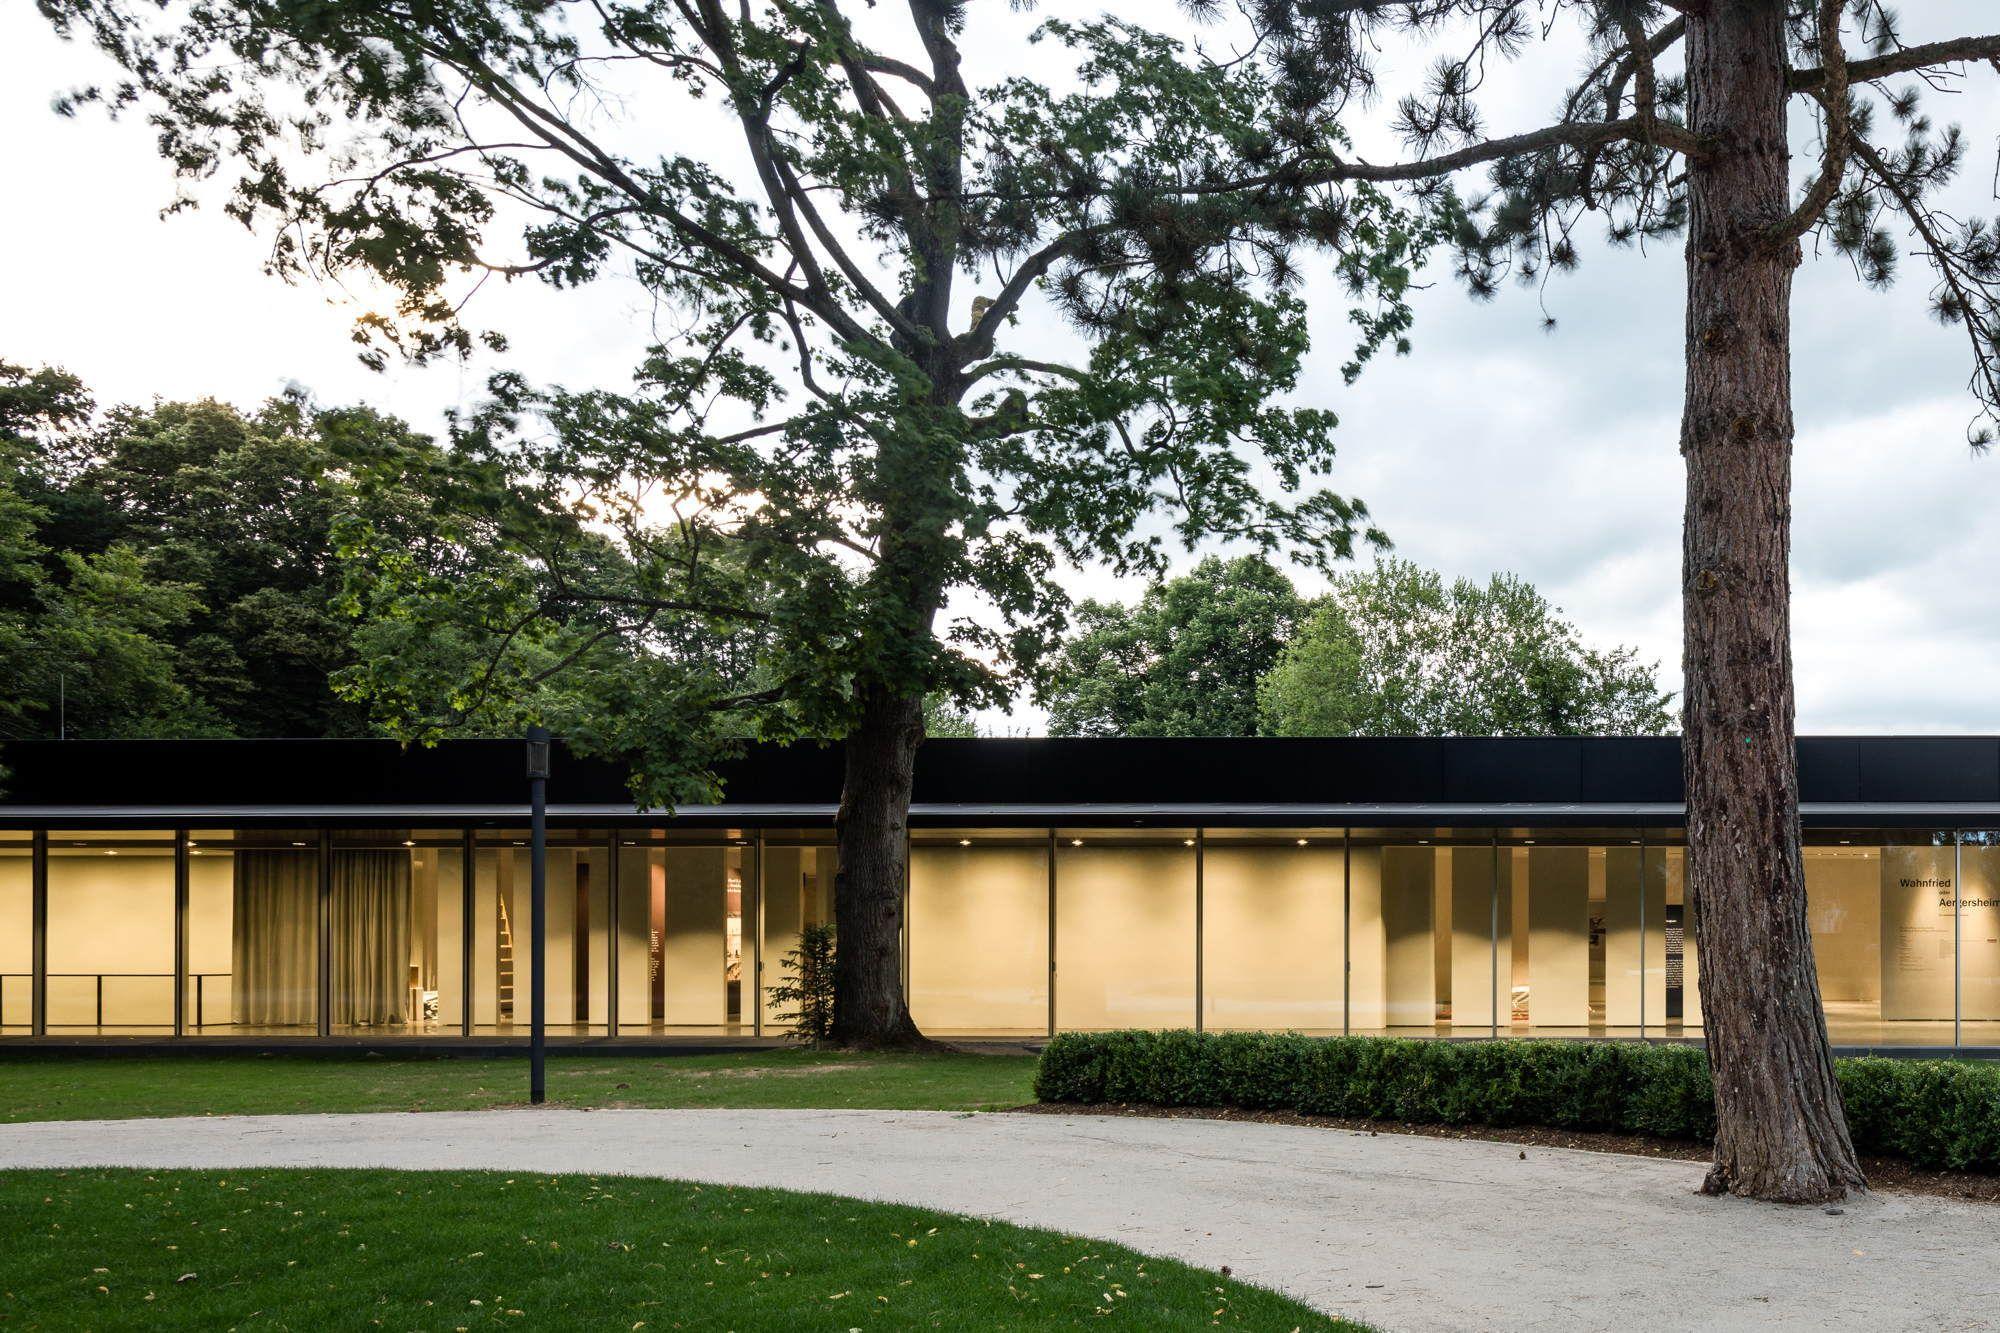 Architekten Bayreuth staab architekten und hg merz wagner museum in bayreuth erweitert